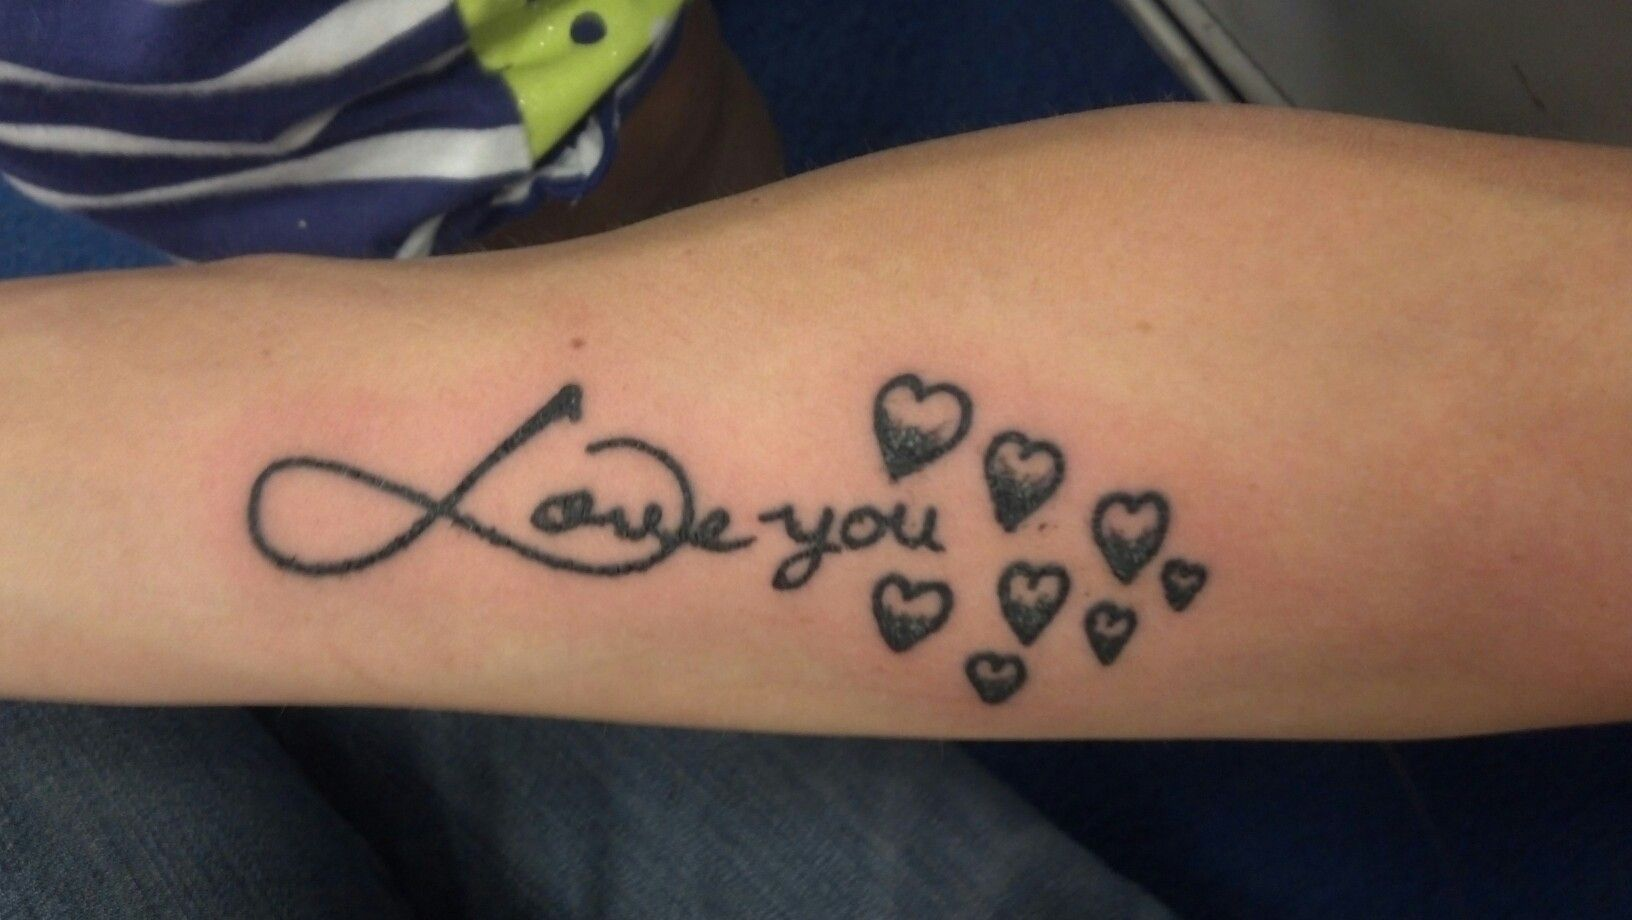 Infinite love tattoo tattoos pinterest infinite symbols infinity love tattoo pictures of symbol tattoo biocorpaavc Images